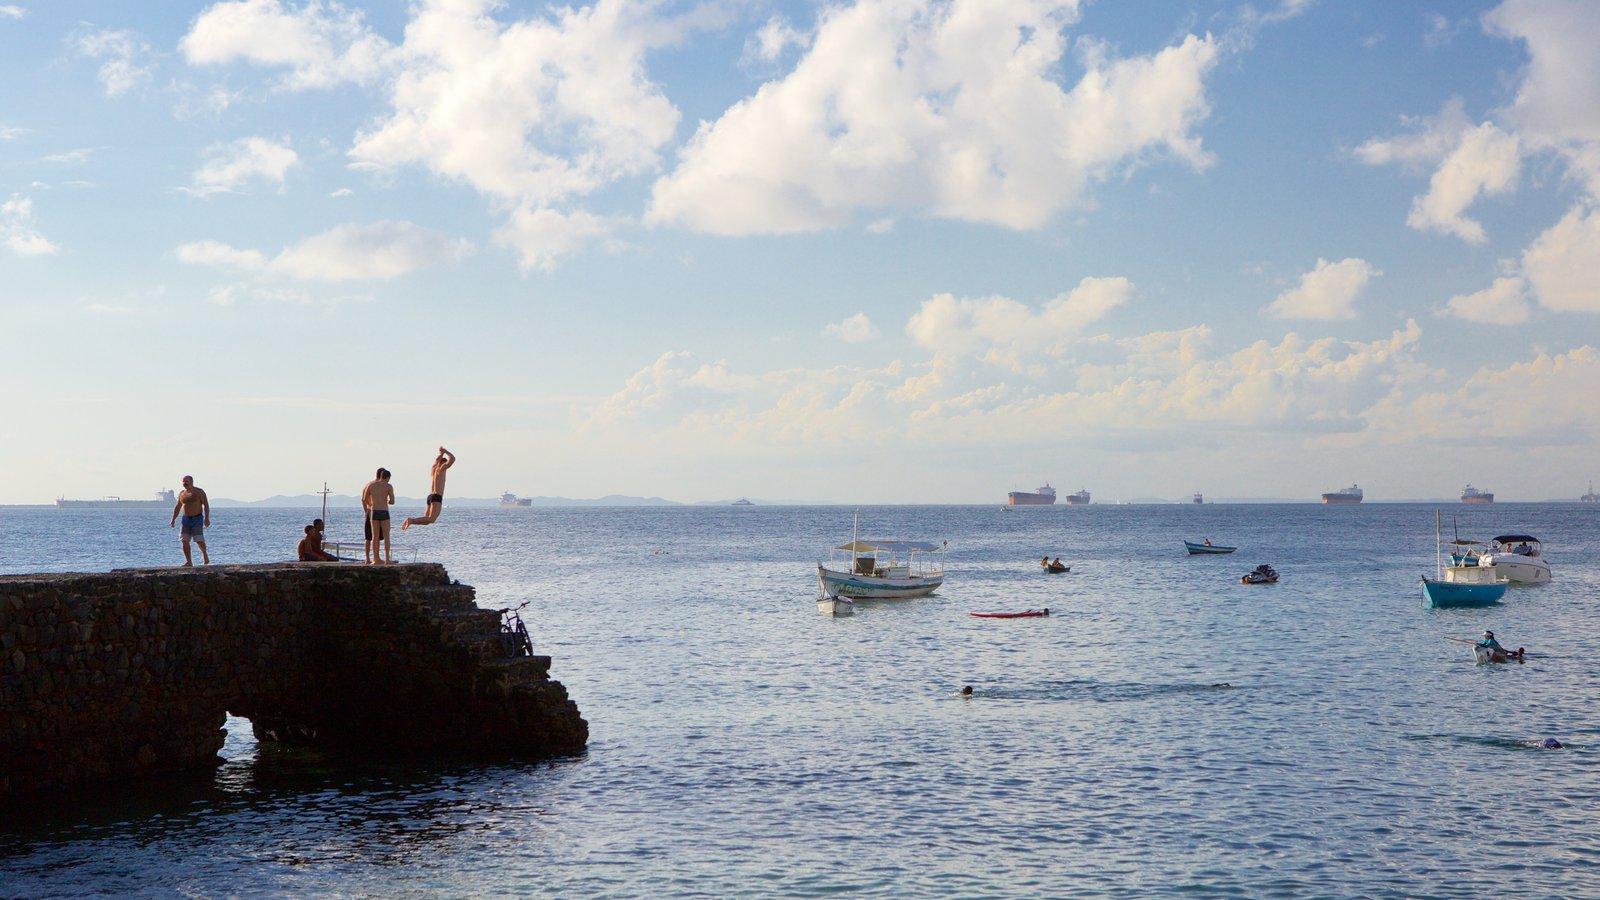 Praia do Porto da Barra mostrando natação, paisagens litorâneas e canoagem